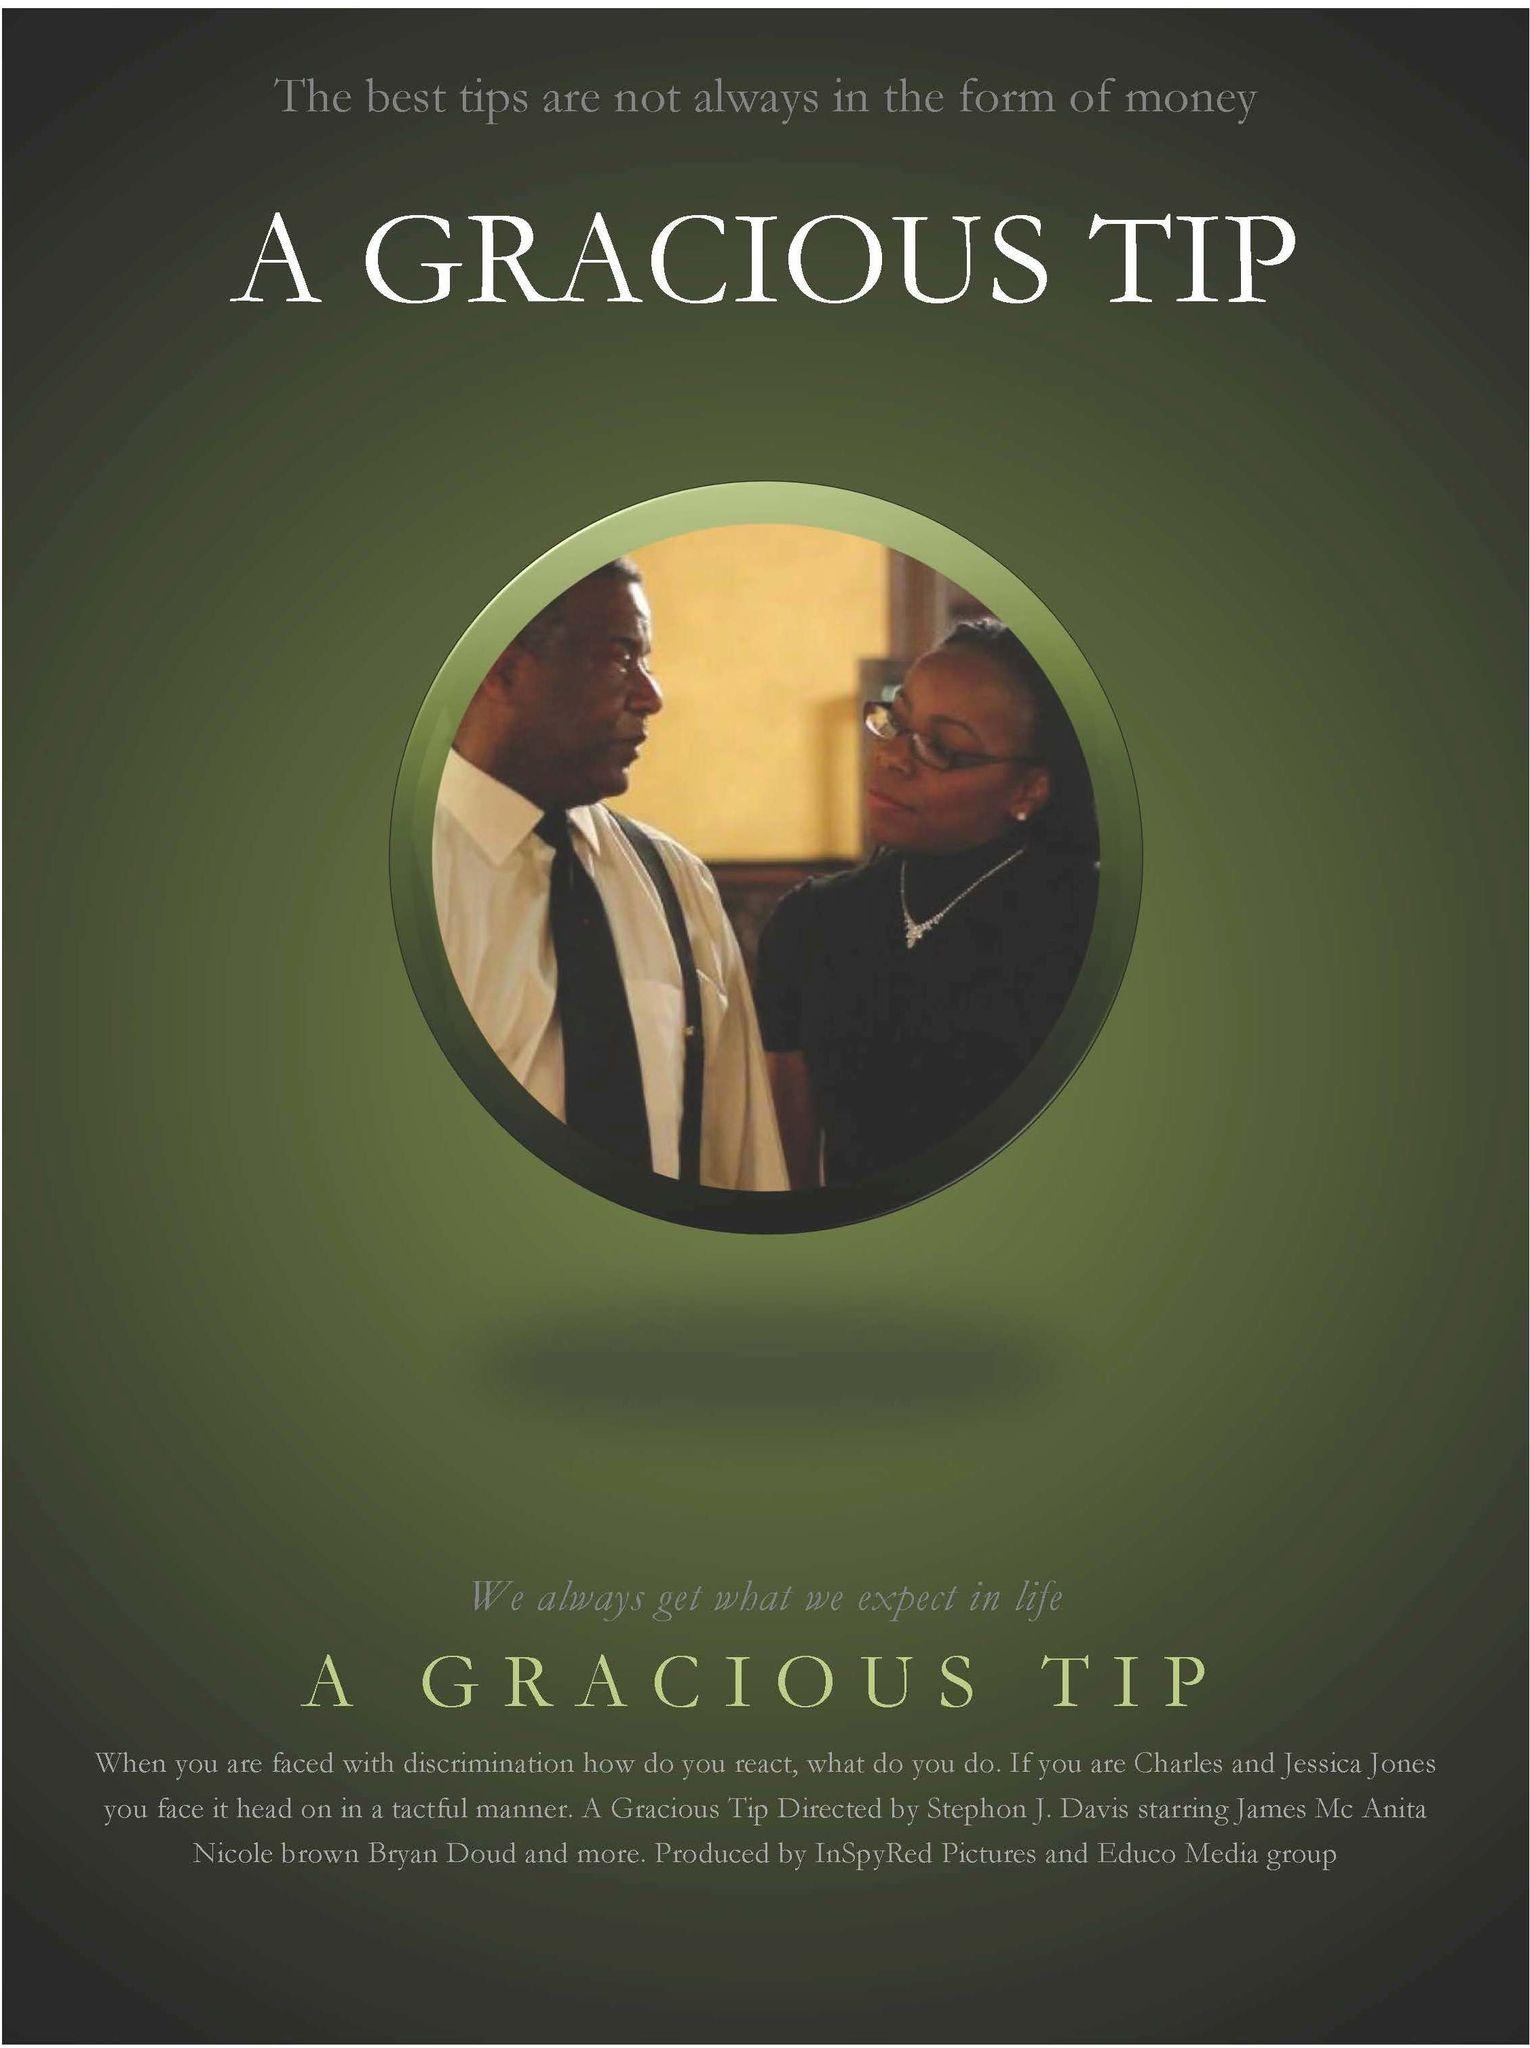 A Gracious Tip